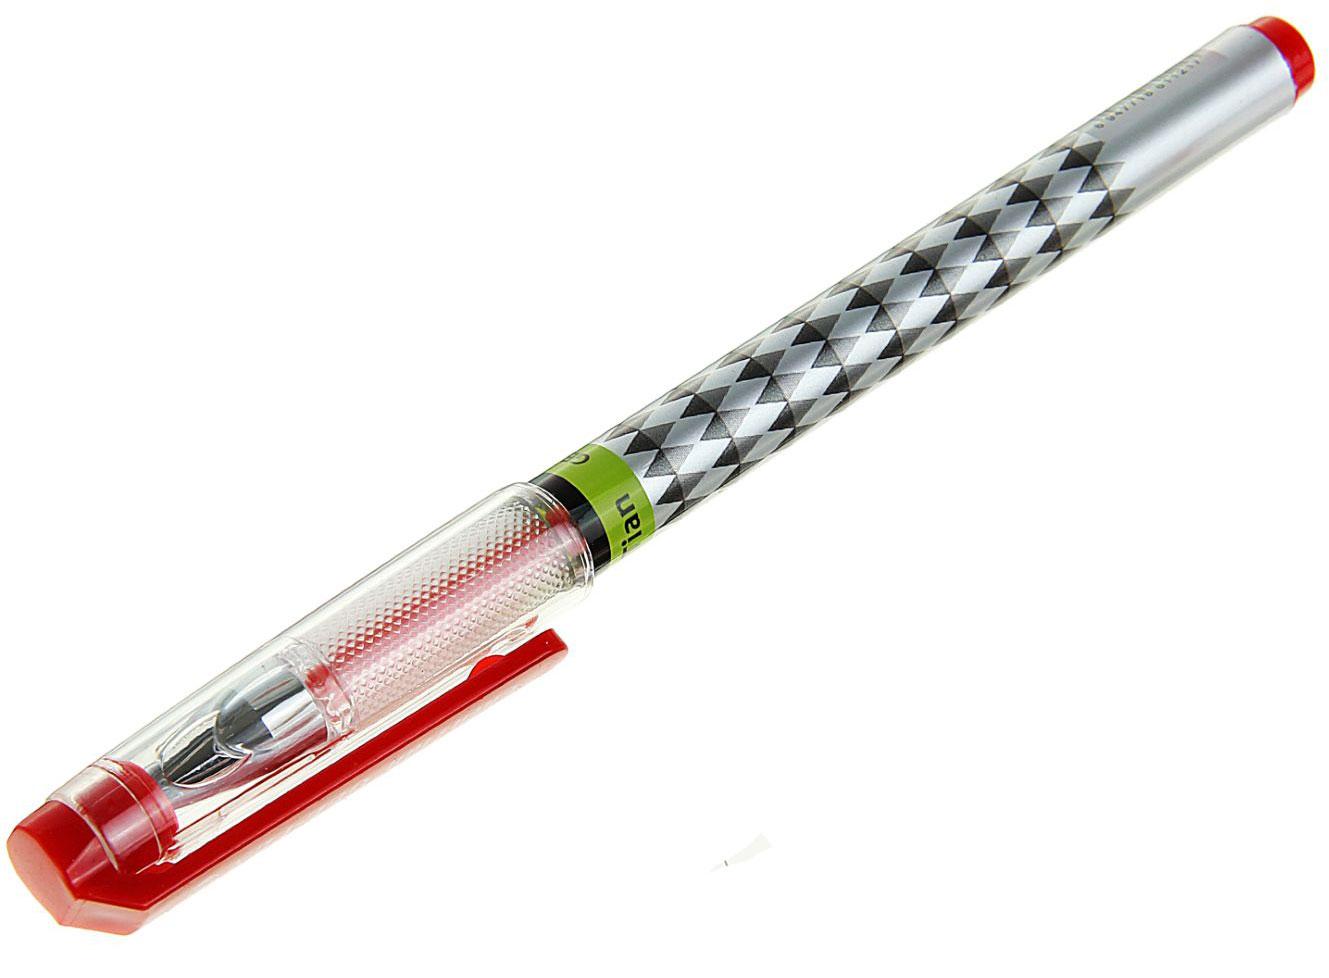 Ручка гелевая поможет организовать ваше рабочее пространство и время. Изделия данной категории необходимы любому человеку независимо от рода его деятельности.